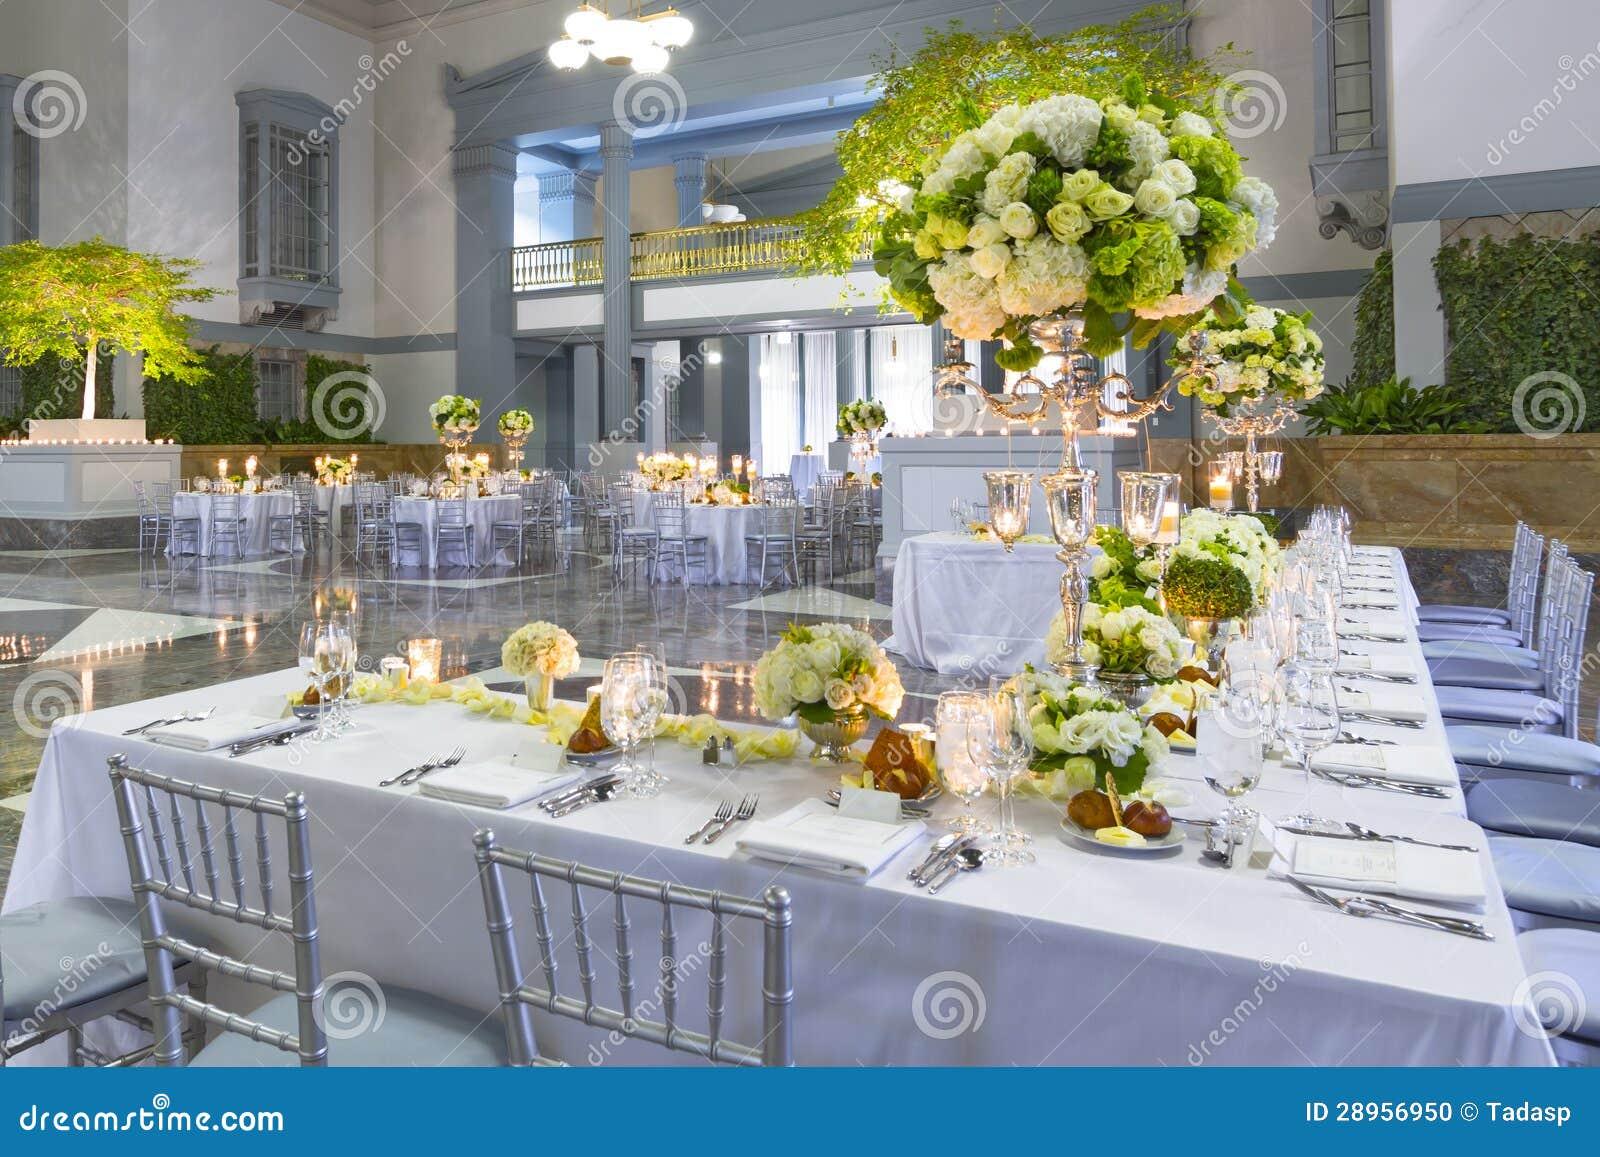 De decoratie van de lijst van het trefpunt van de gebeurtenis of van het huwelijk stock foto - Decoratie van het interieur ...